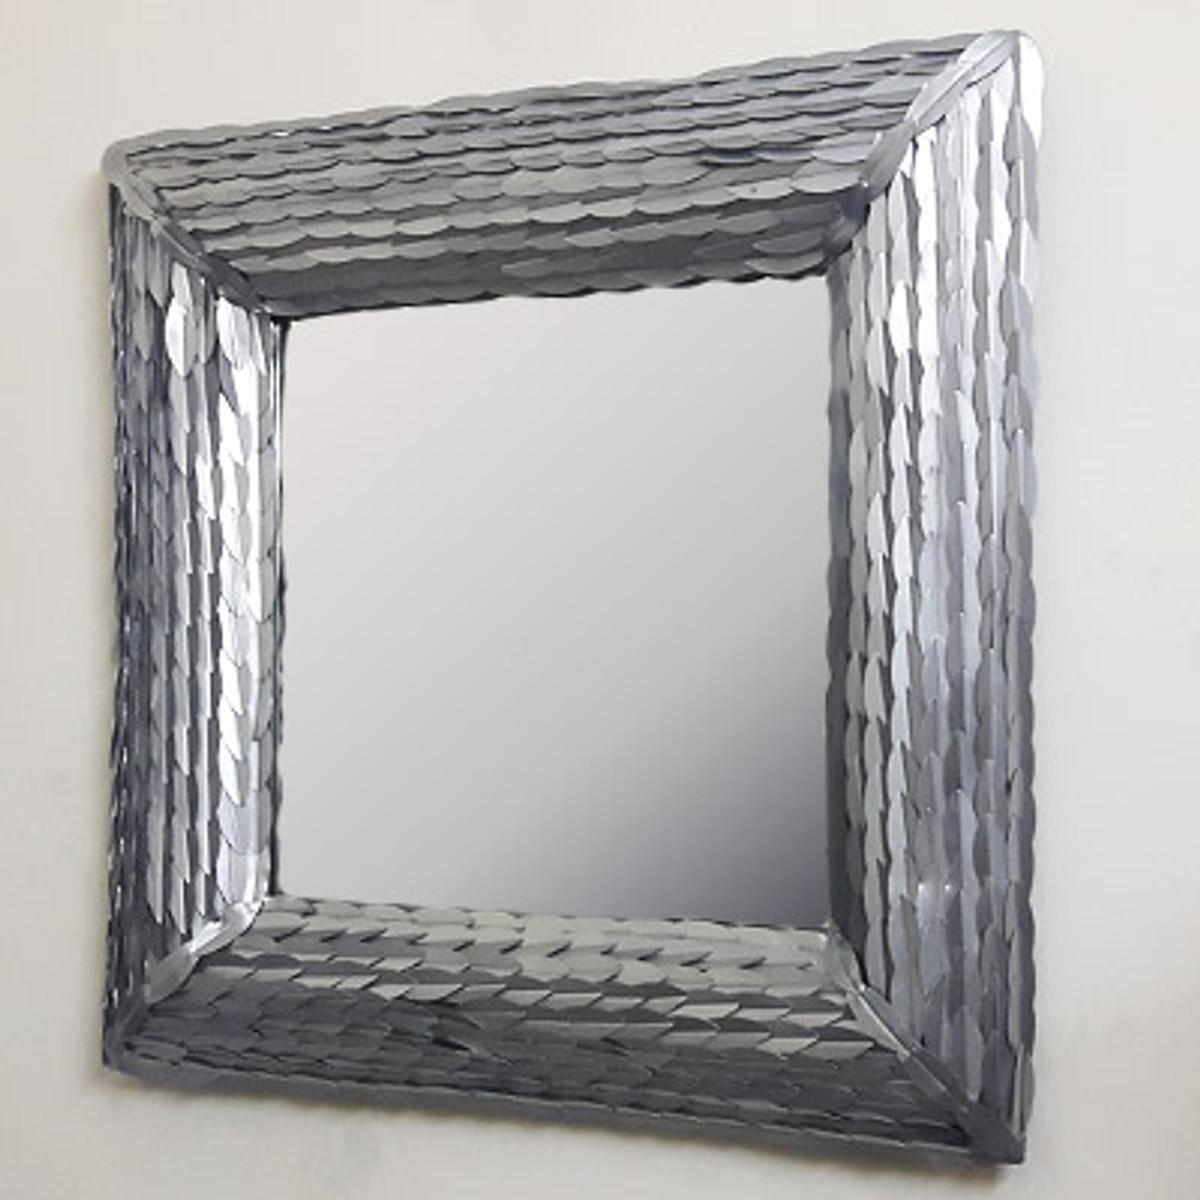 Casa Padrino Designer Wandspiegel Silber 6 x 6 cm - Wohnzimmer Spiegel